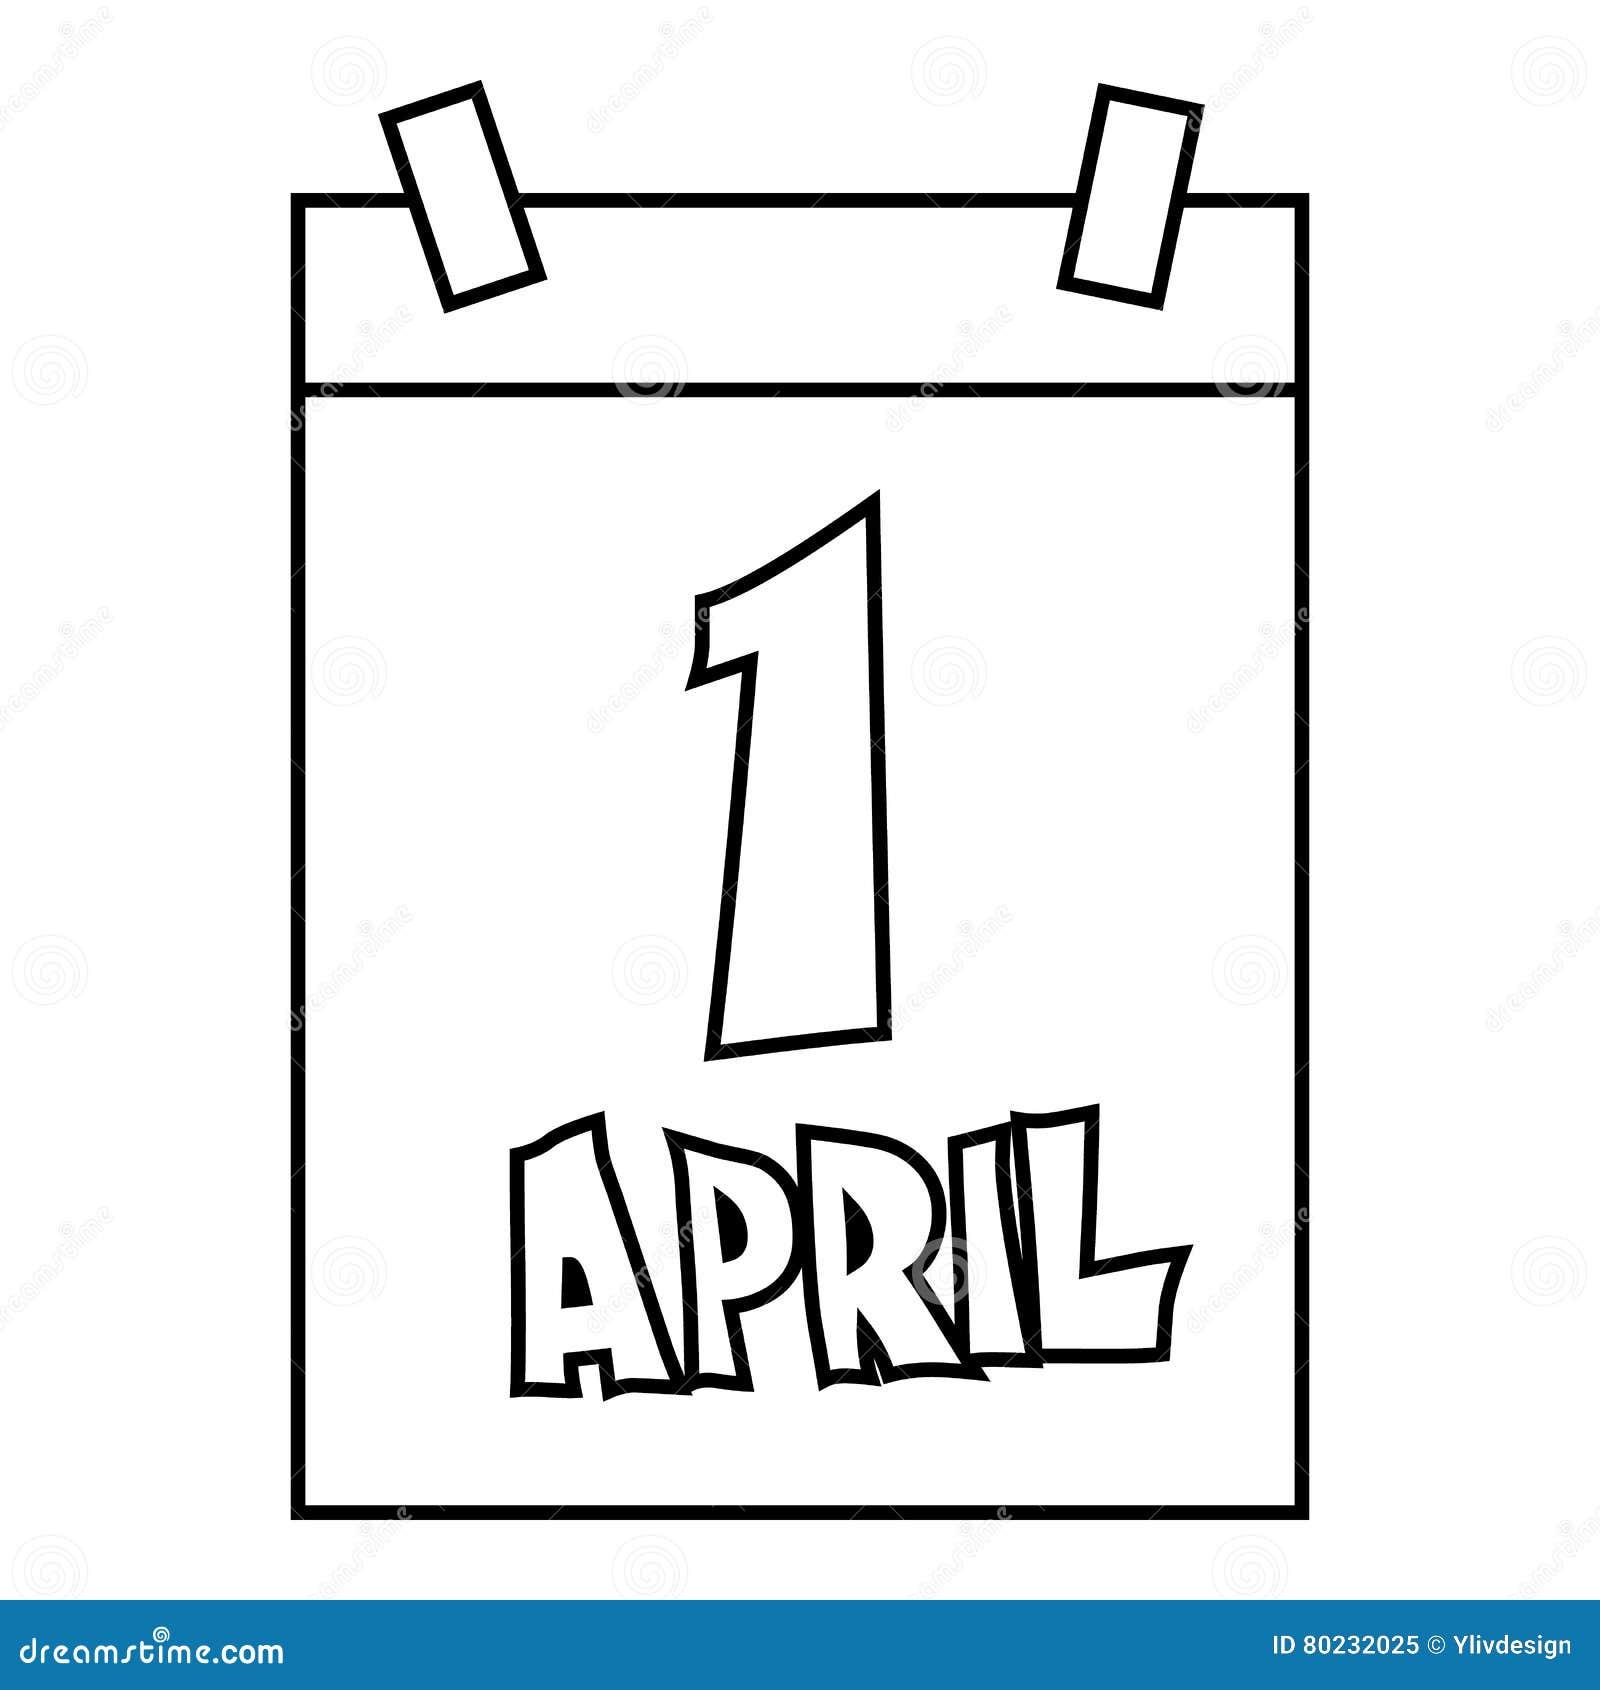 Calendar April Fools Day : April fools day calendar icon vector illustration